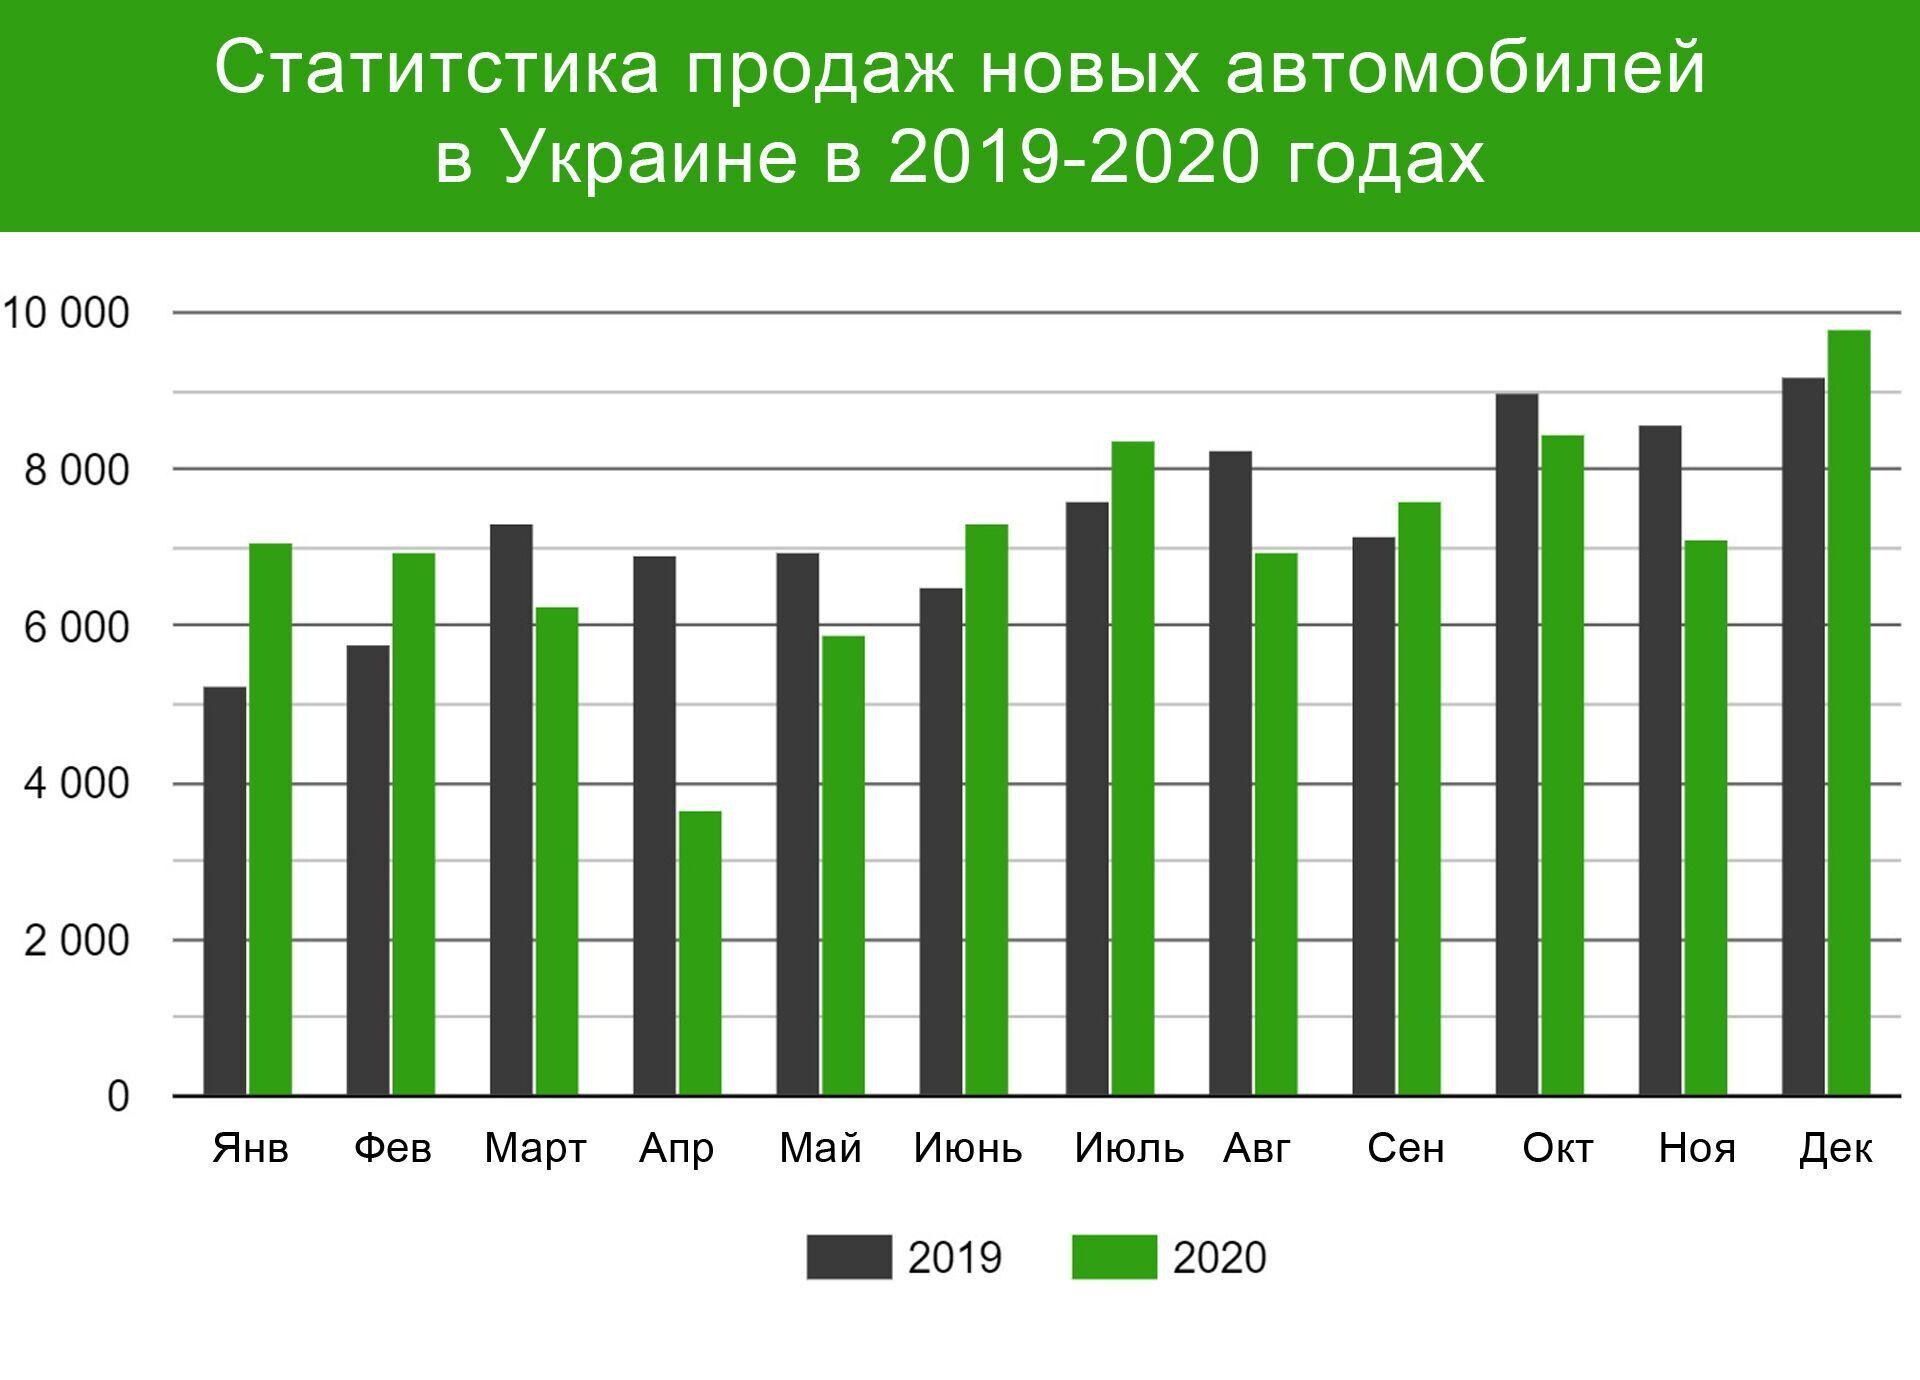 Графік зміни споживчого попиту на нові легкові автомобілі в Україні у 2019-2020 роках